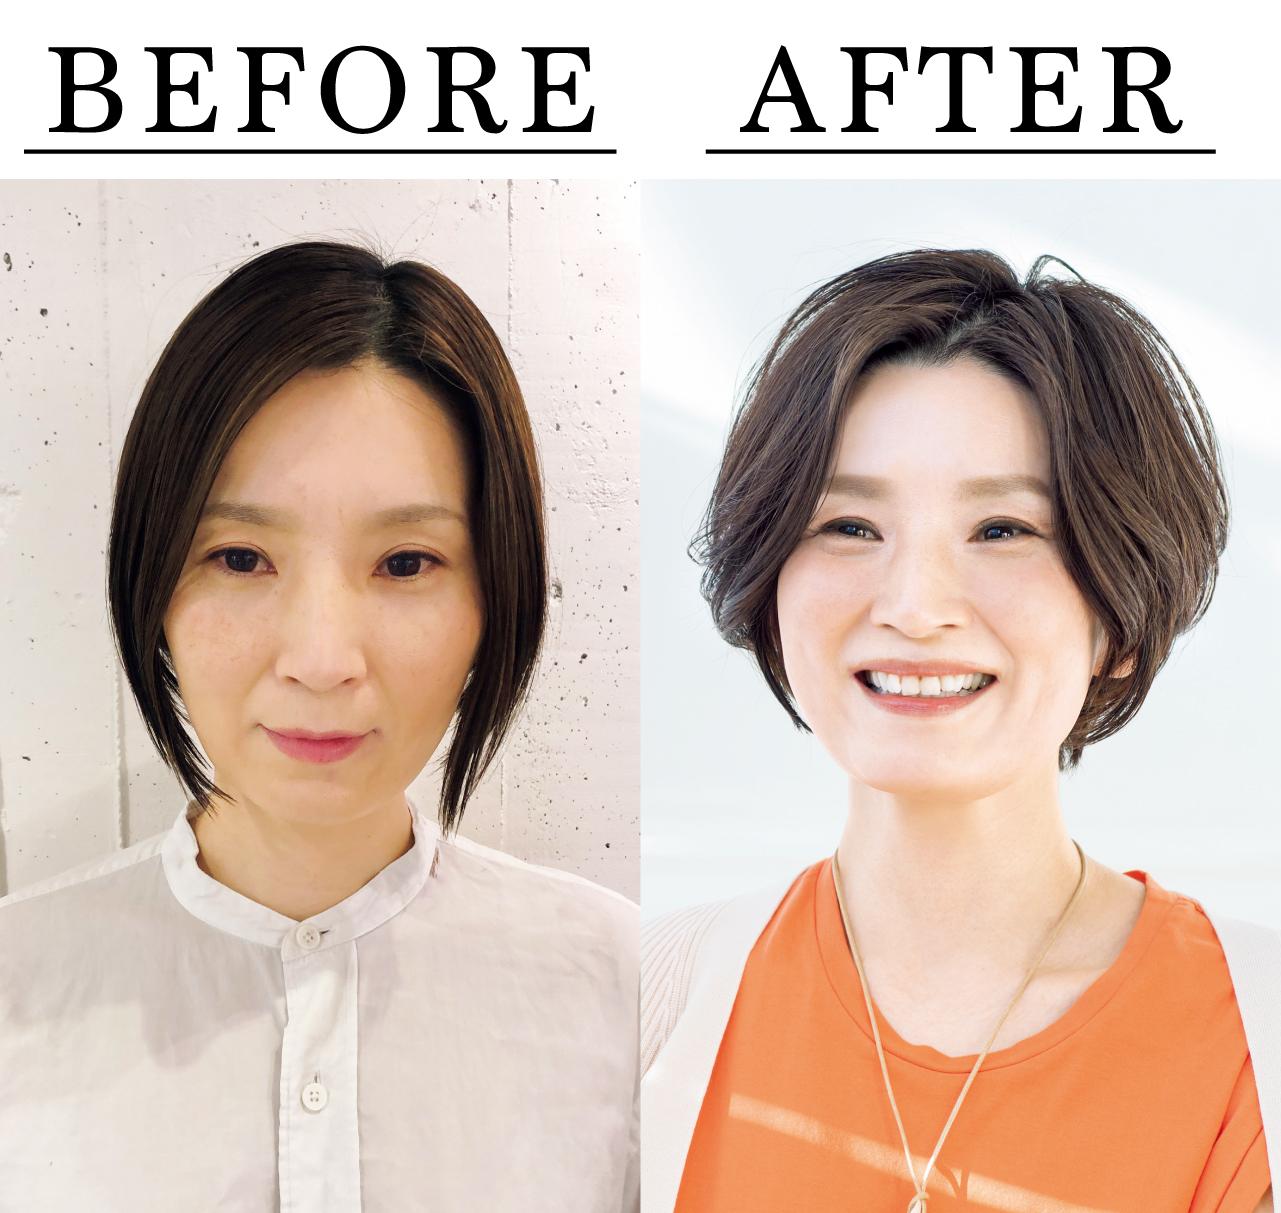 中西愛子さん Before After